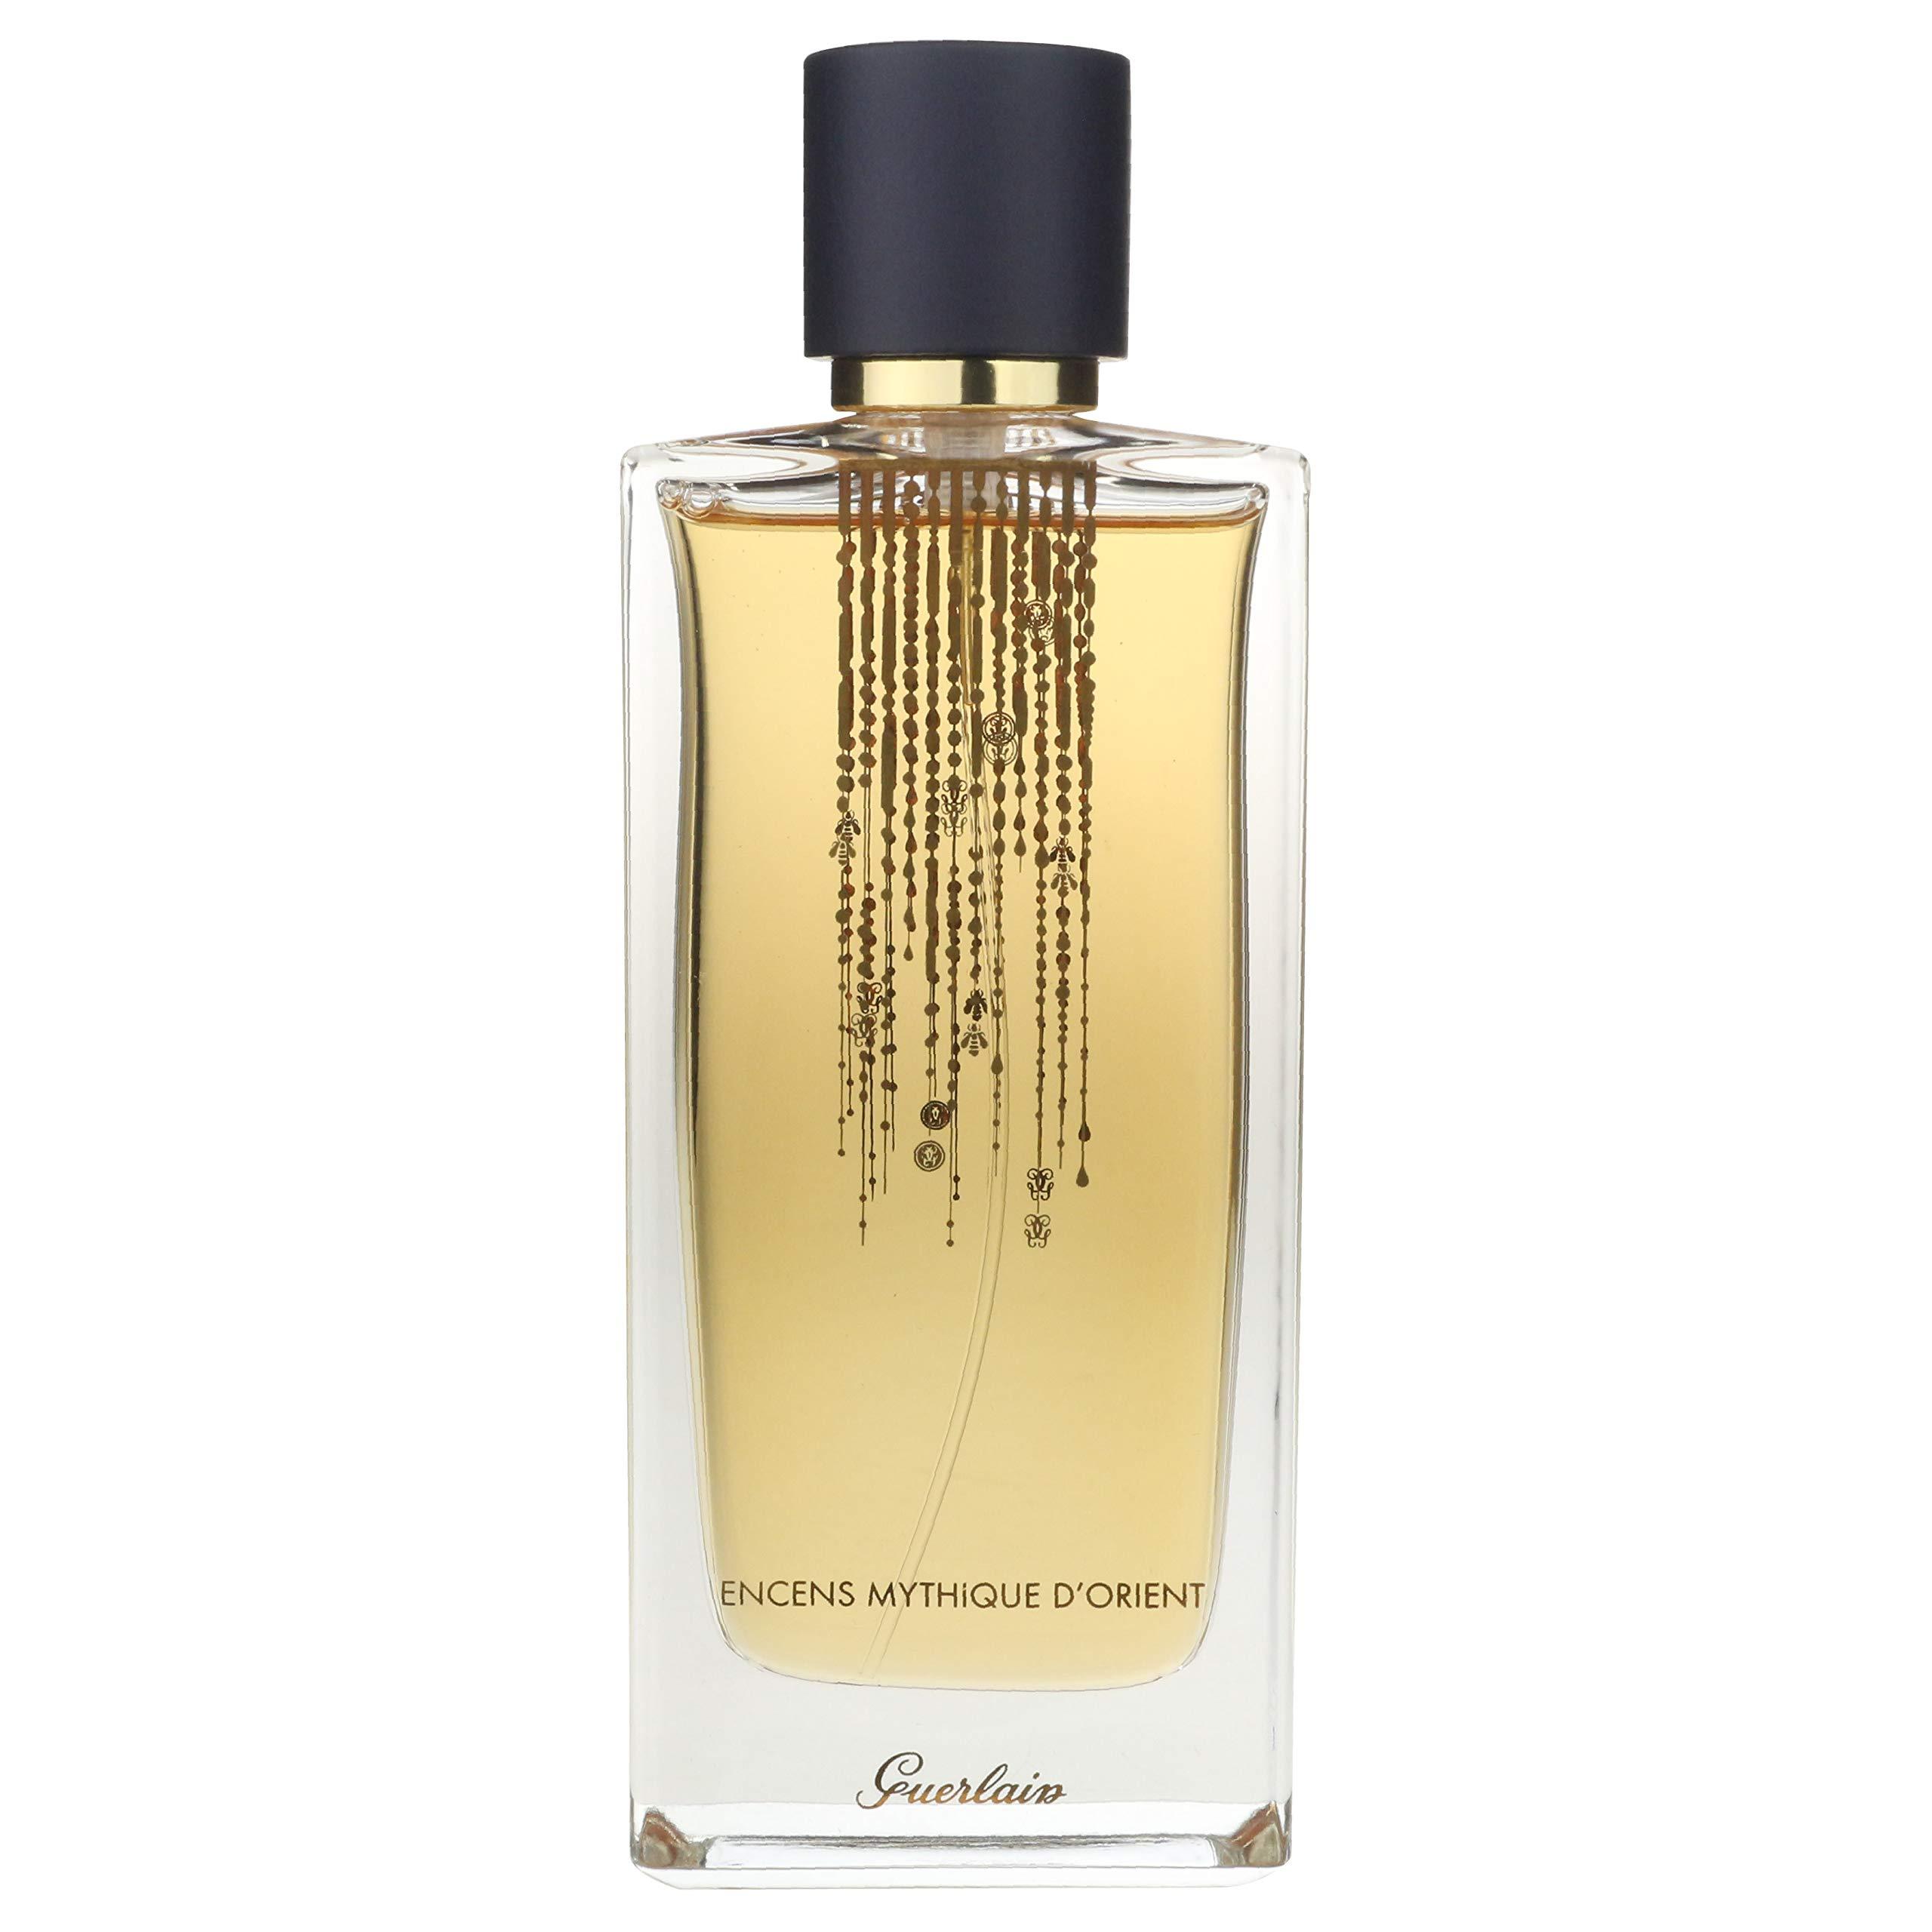 Guerlain Mythique D'orient Eau De Parfum 2.5 Oz Spray by GUERLAIN (Image #1)